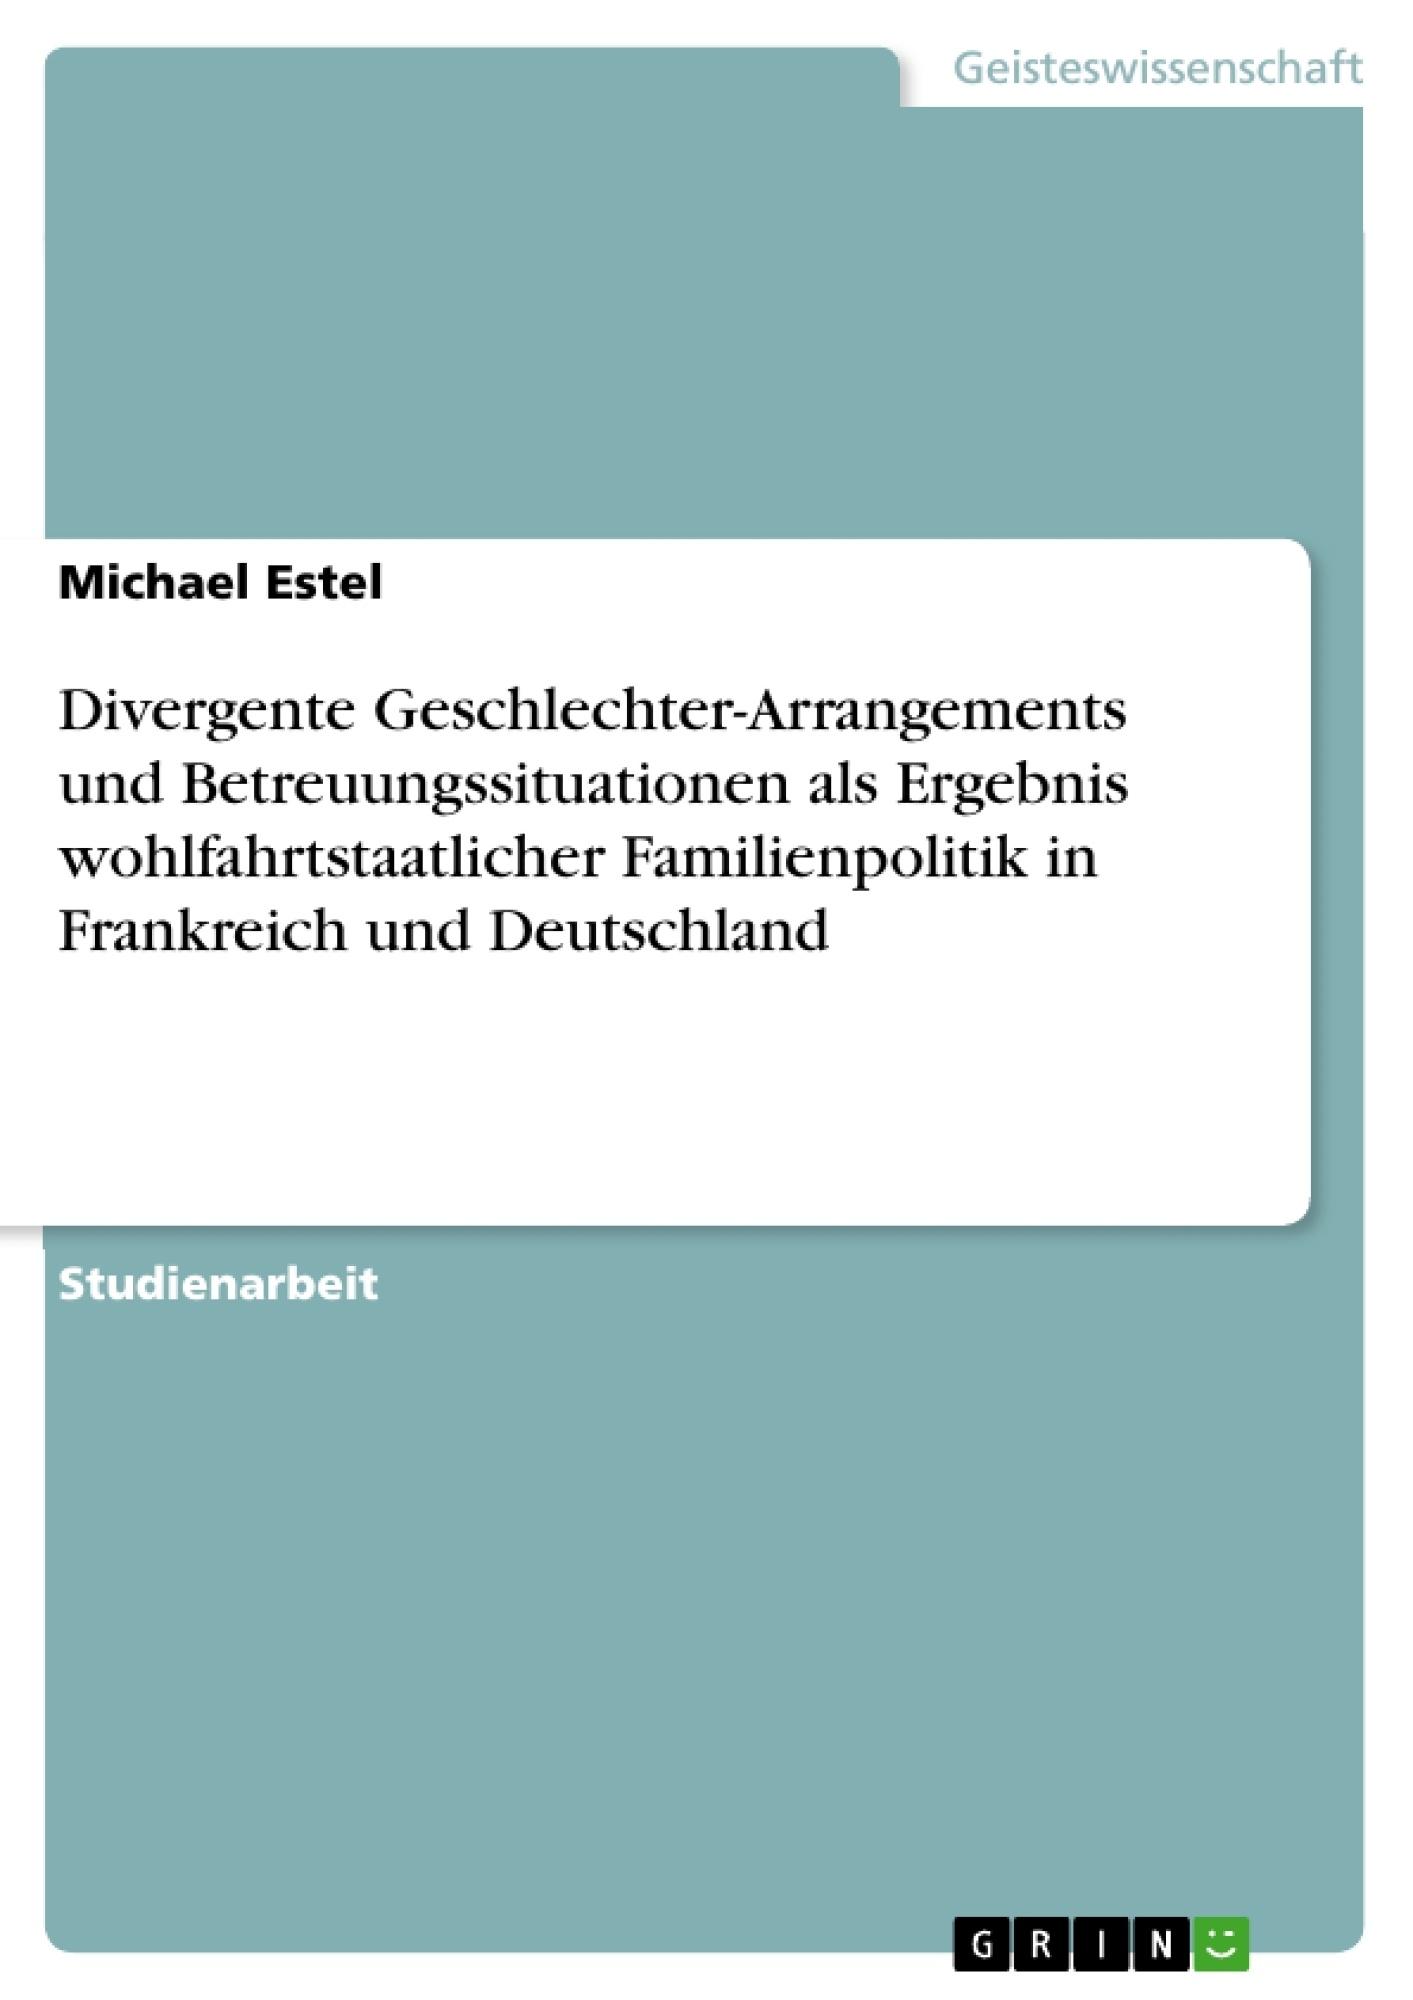 Titel: Divergente Geschlechter-Arrangements und Betreuungssituationen als Ergebnis wohlfahrtstaatlicher Familienpolitik in Frankreich und Deutschland